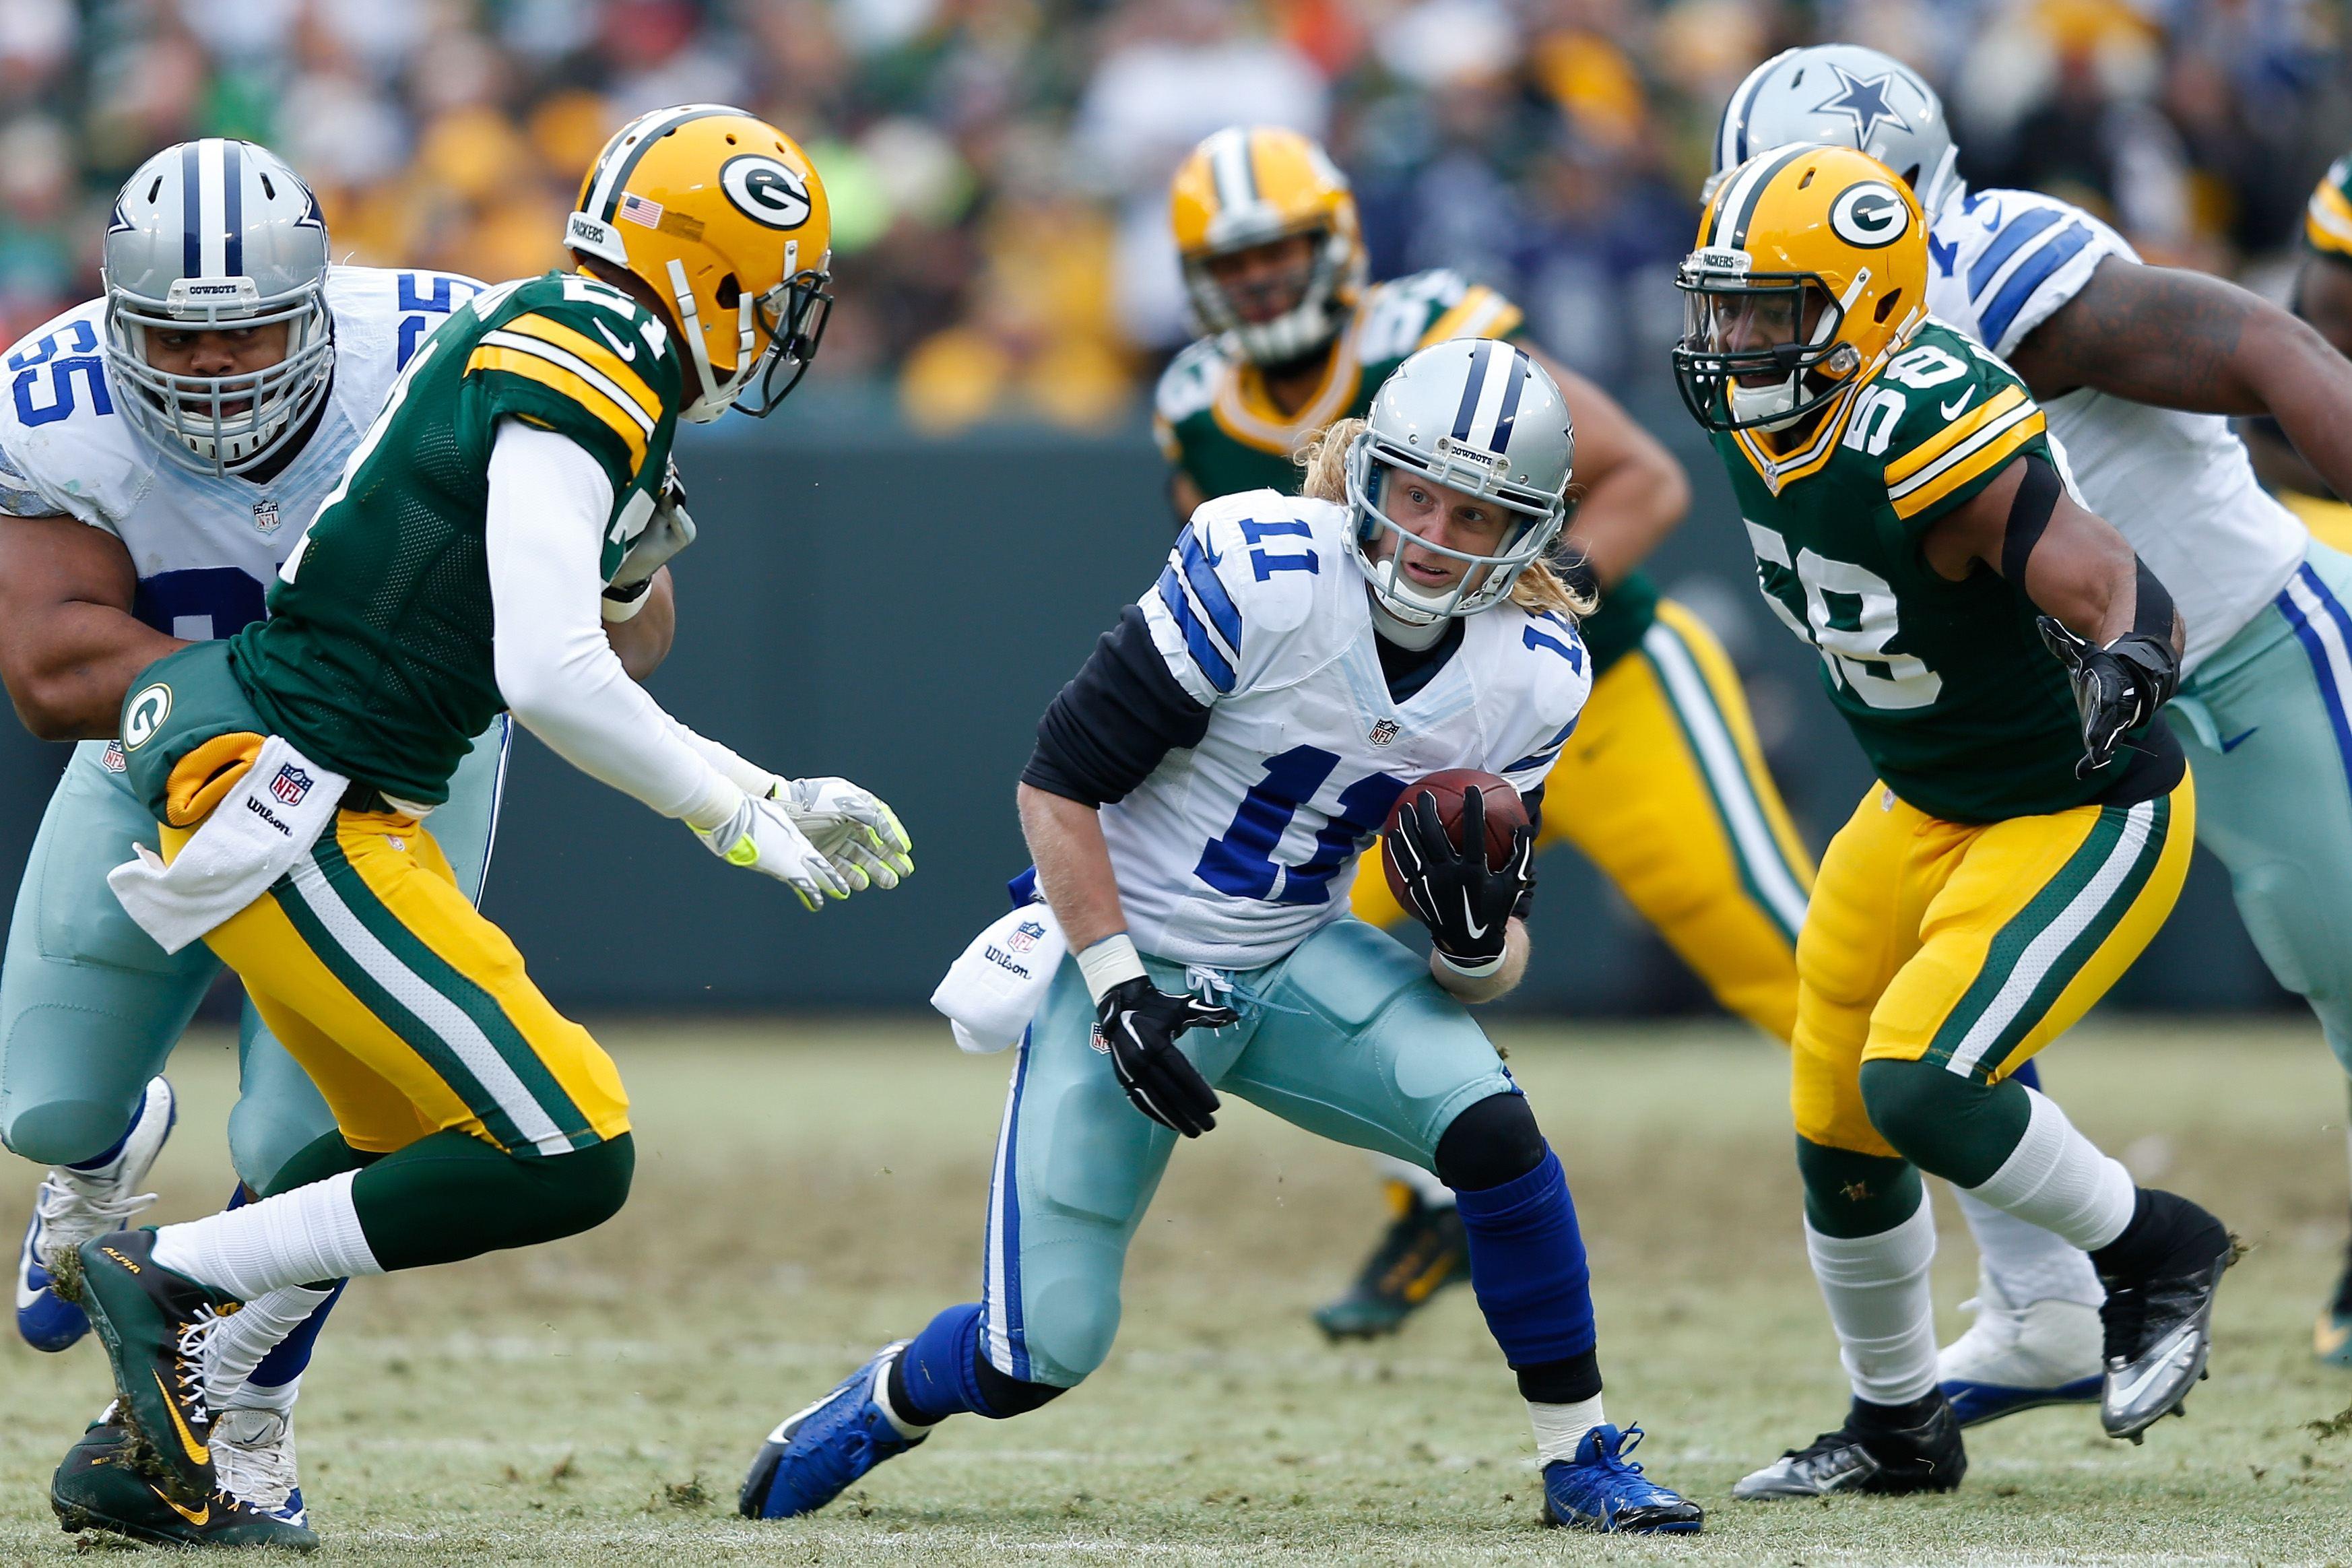 Cowboys en Español: ¿Qué Deben Cambiar los Cowboys Para Vencer a Packers?